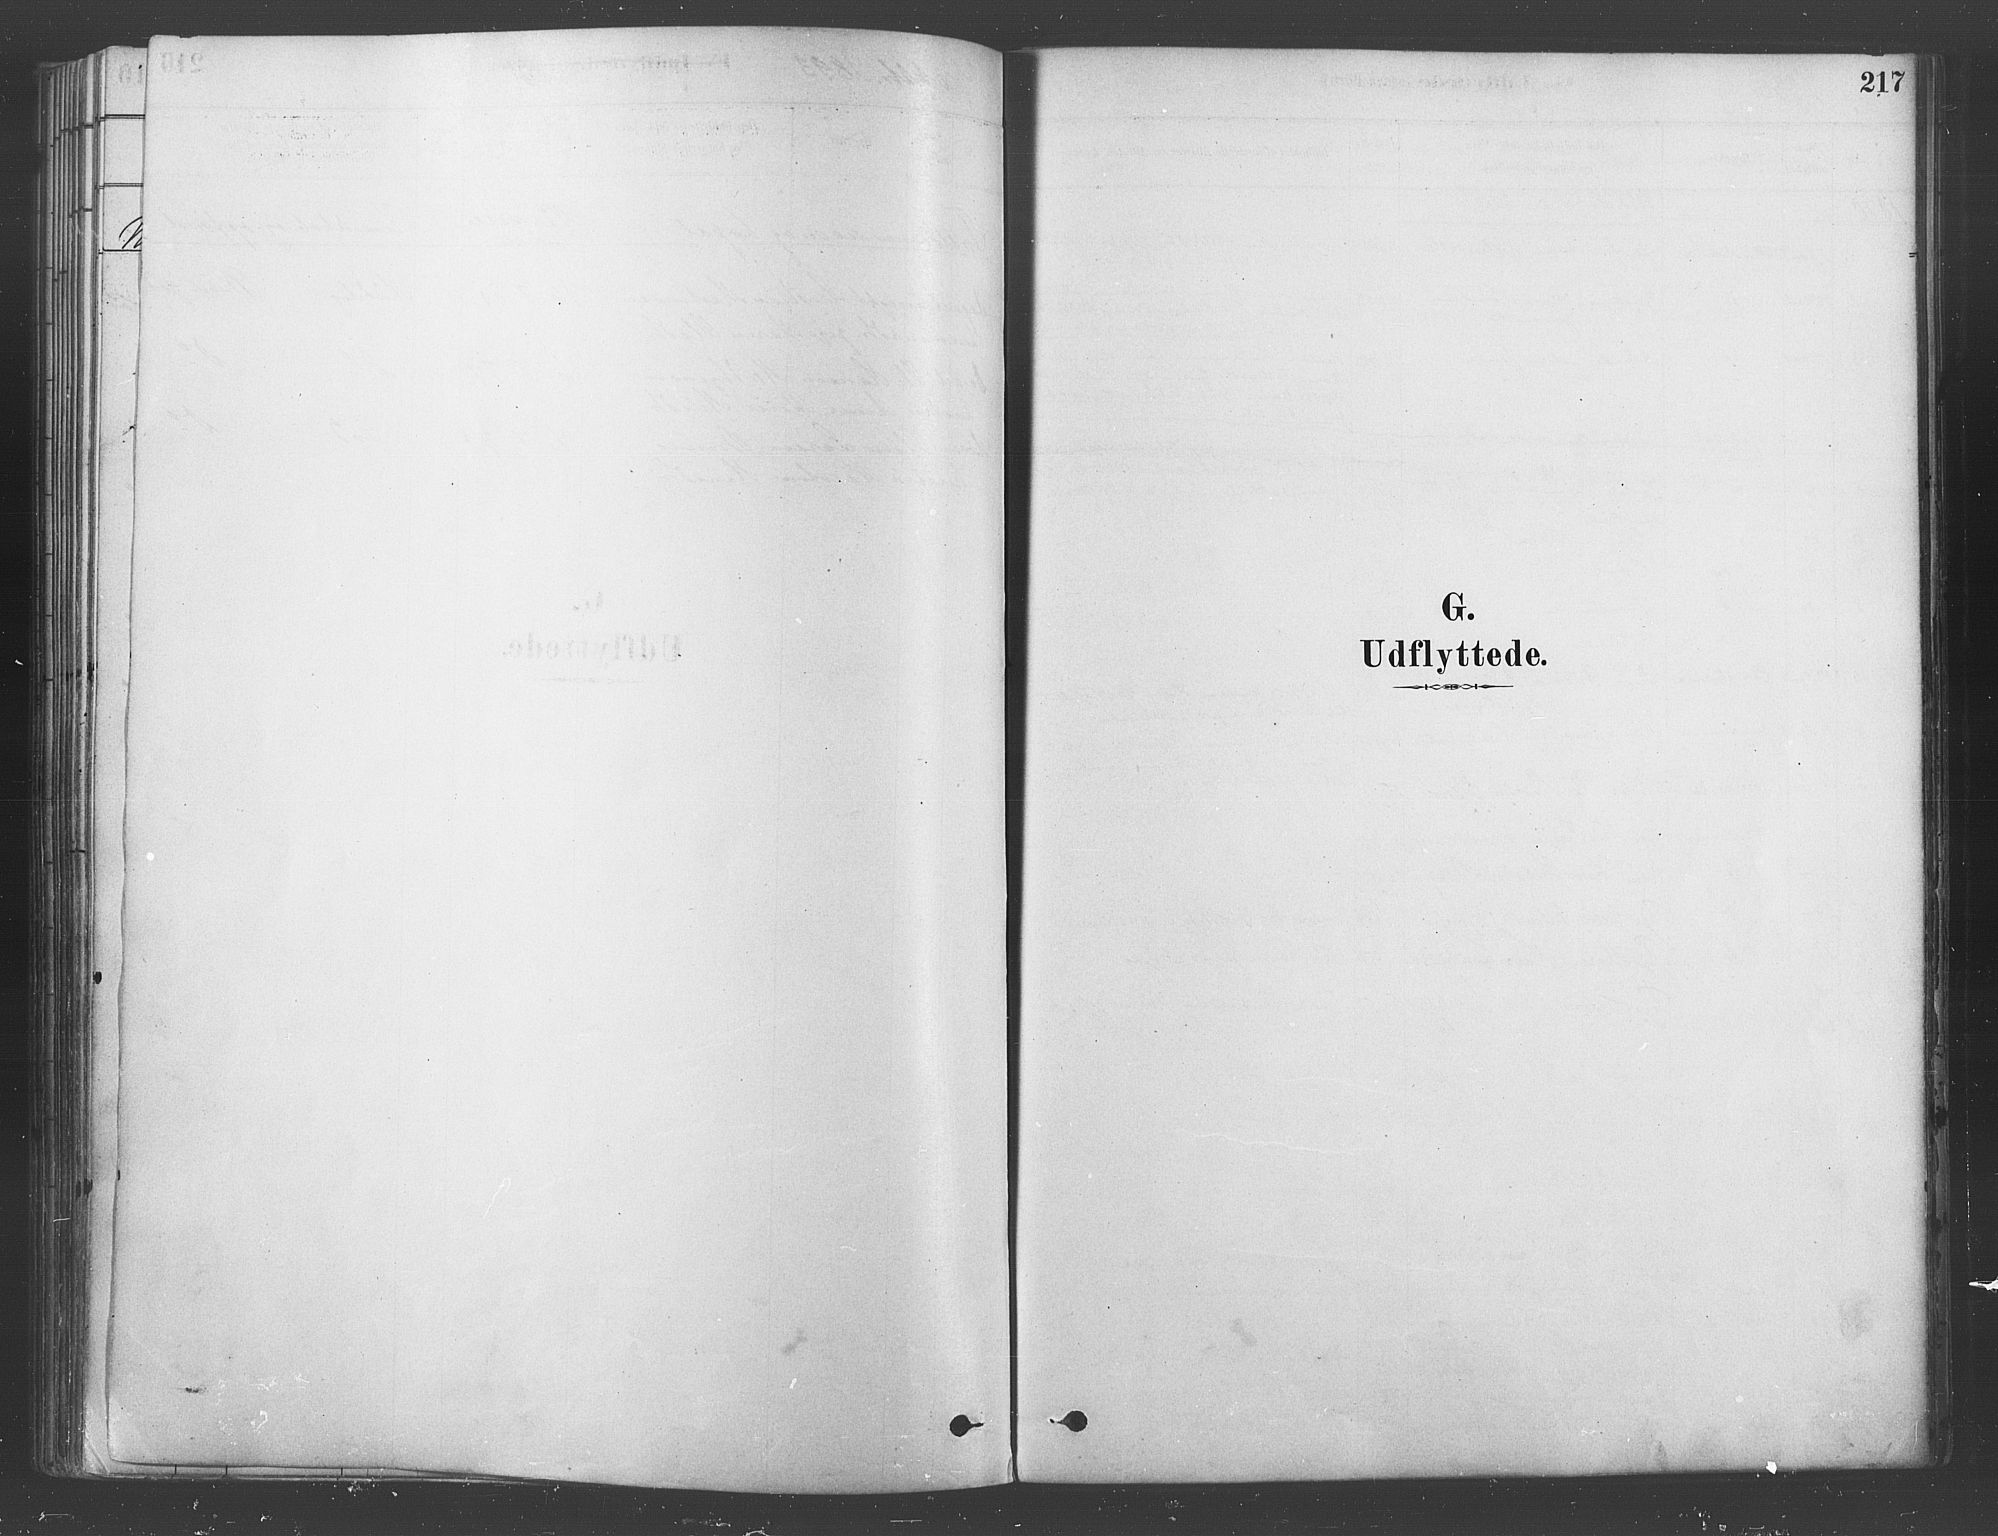 SAO, Ullensaker prestekontor Kirkebøker, F/Fb/L0001: Parish register (official) no. II 1, 1878-1893, p. 217